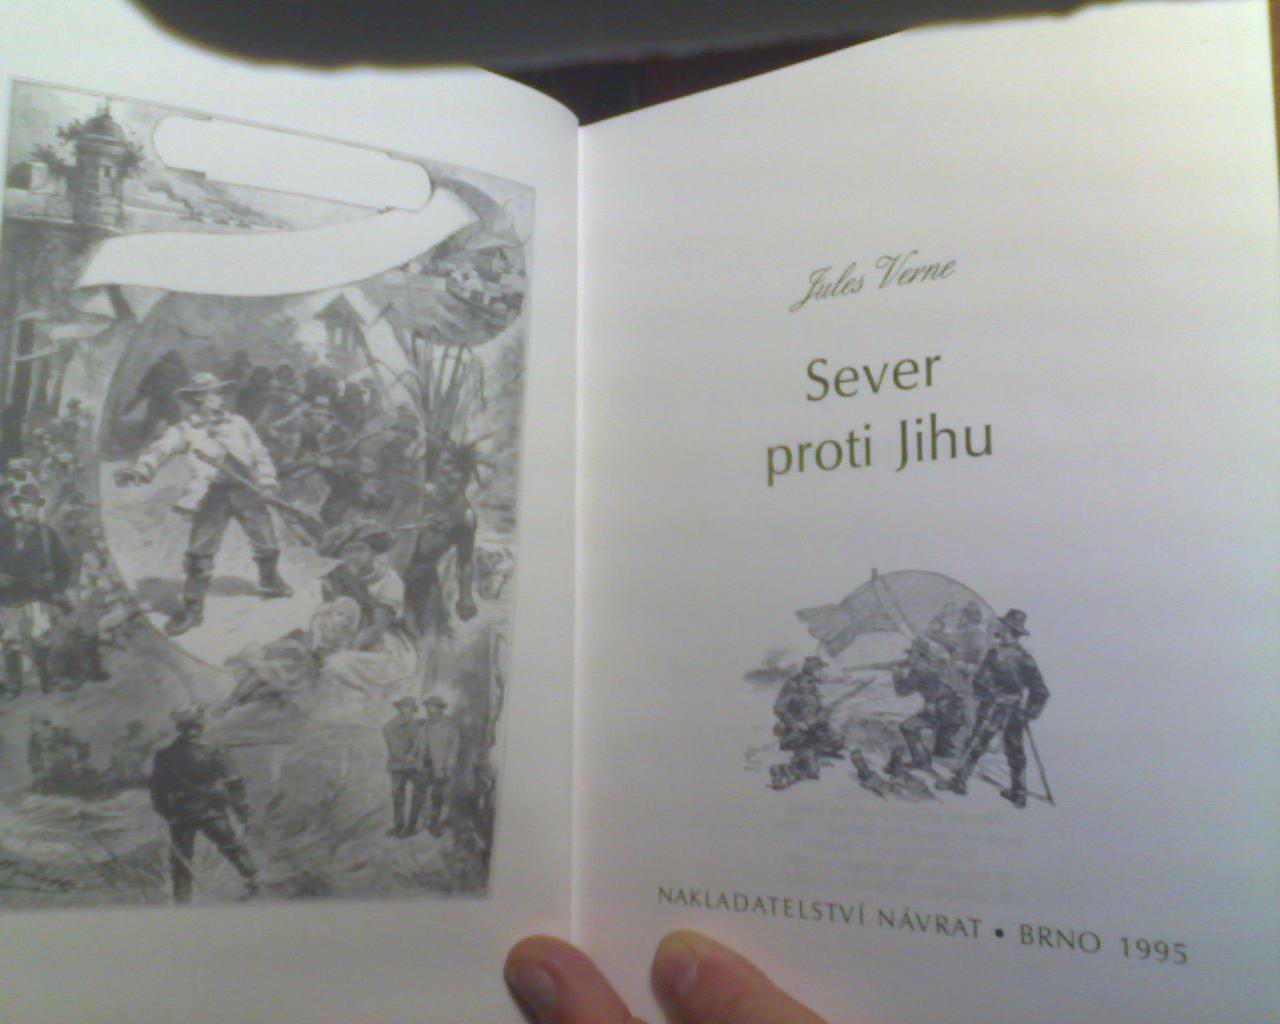 SEVER PROTI JIHU: JULES VERNE, PETR PELIKIAN, NAVRAT, L. BENETT: 9788071745297: Amazon.com: Books